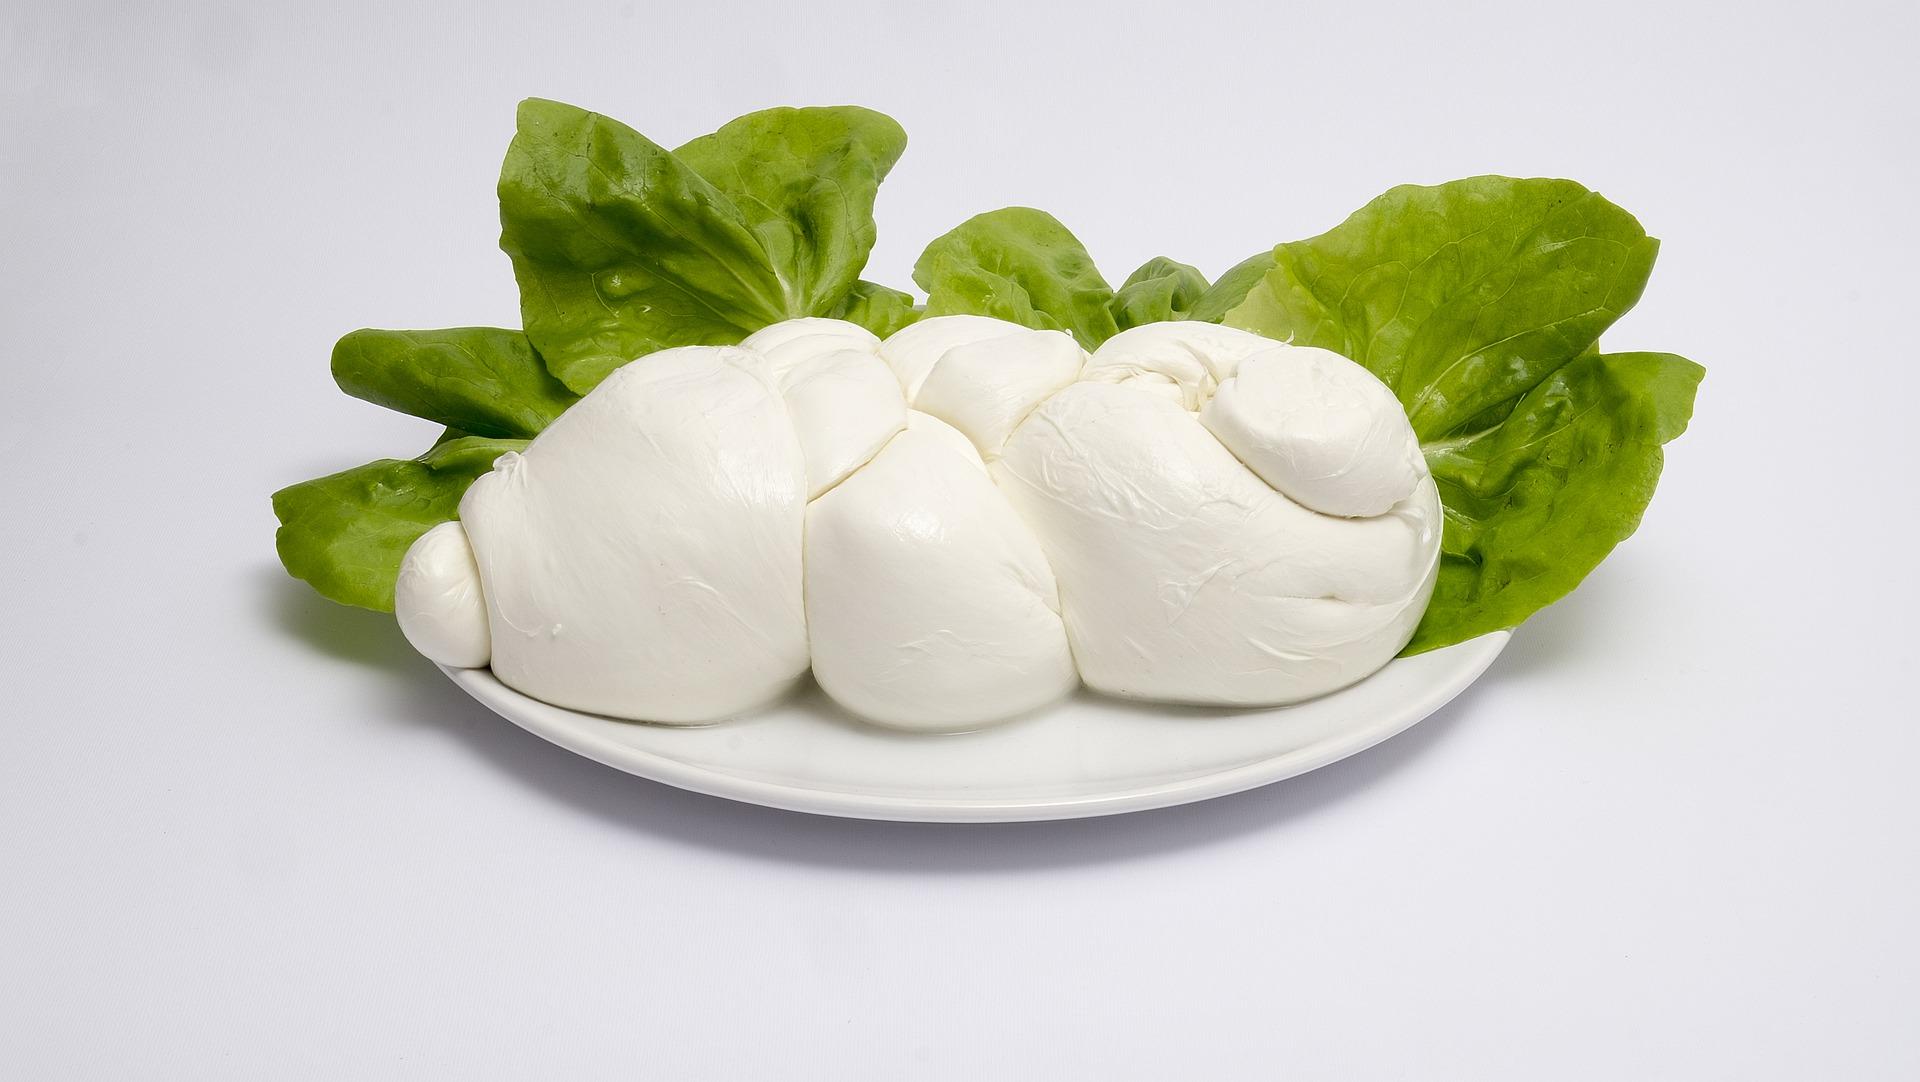 El queso mozzarella es un alimento permitido en la dieta FODMAP. (maxsanna / Pixabay)